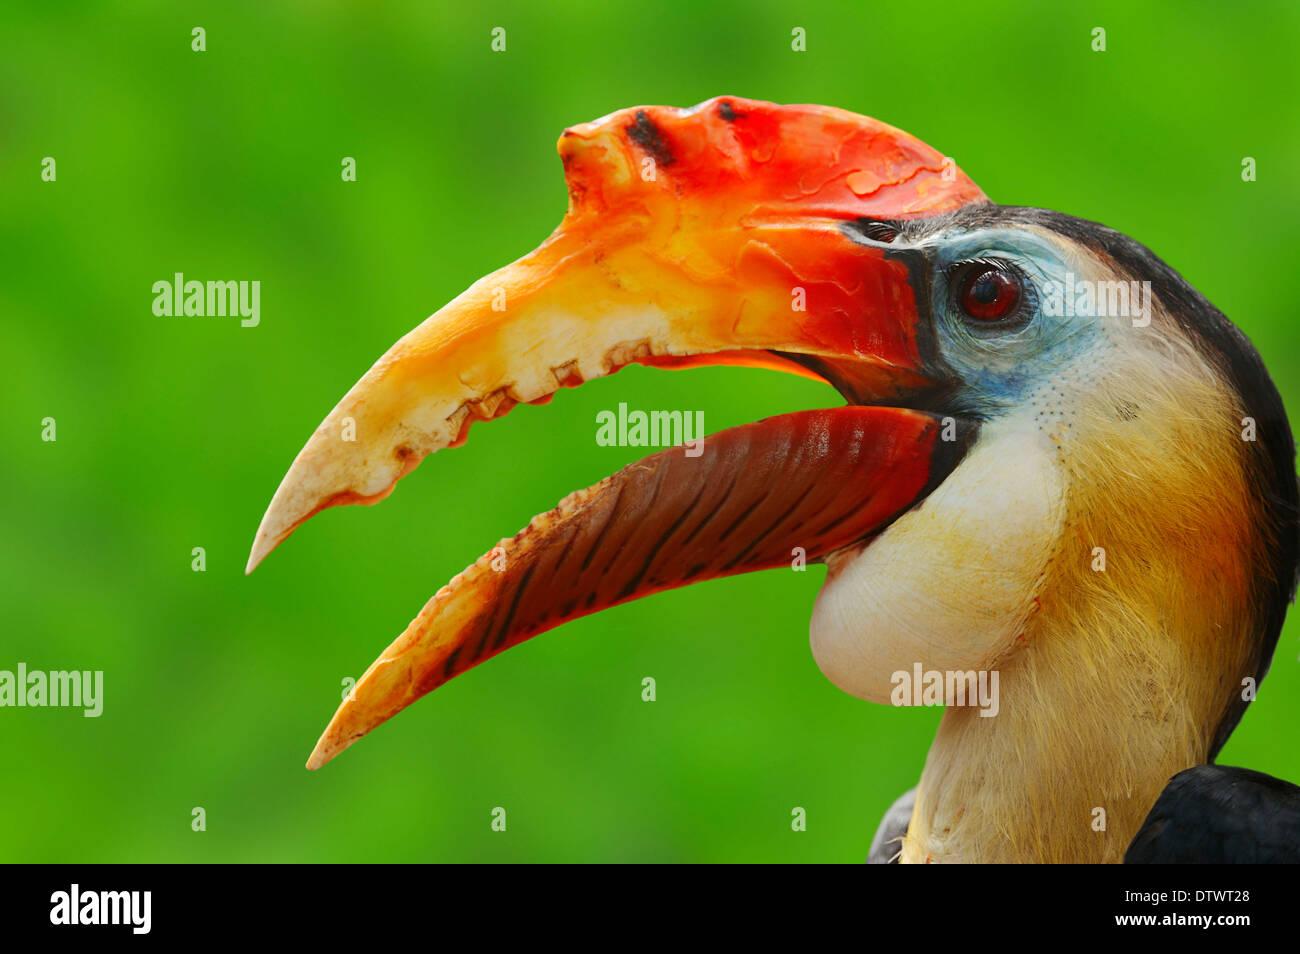 Sunda Wrinkled Hornbill - Stock Image